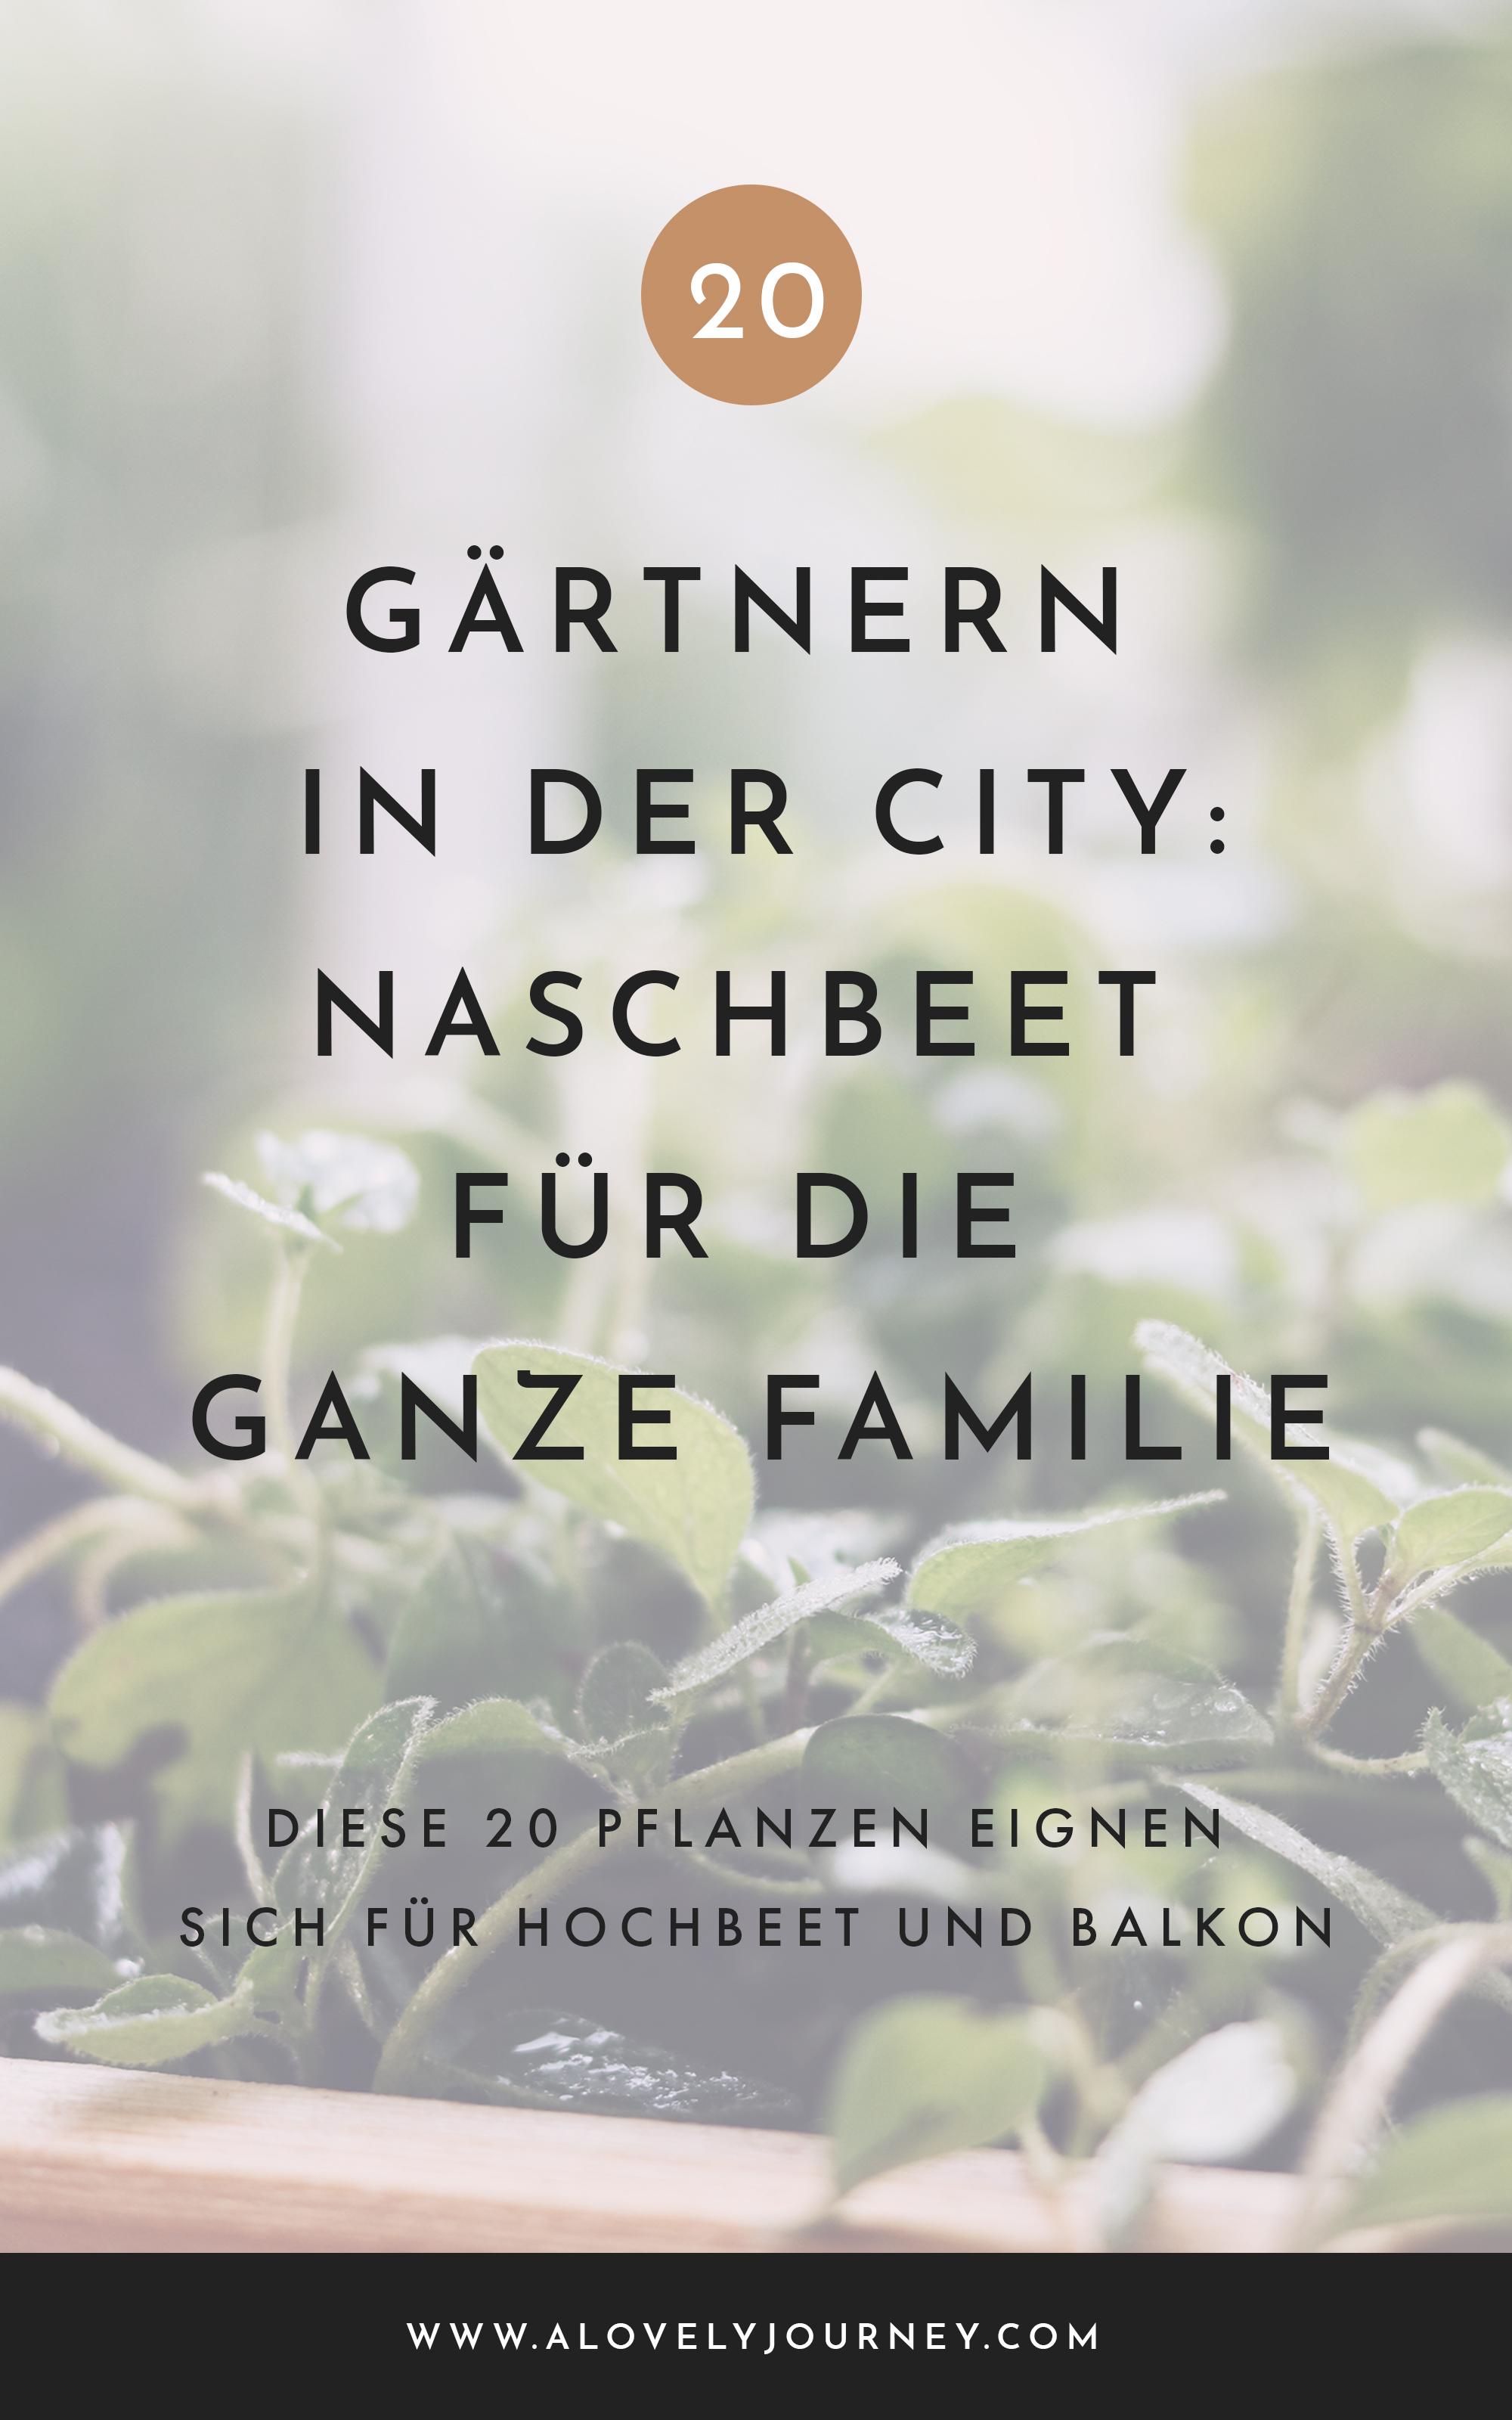 Pflanzen für Hochbeet: Naschbeet auf dem Balkon für Kinder